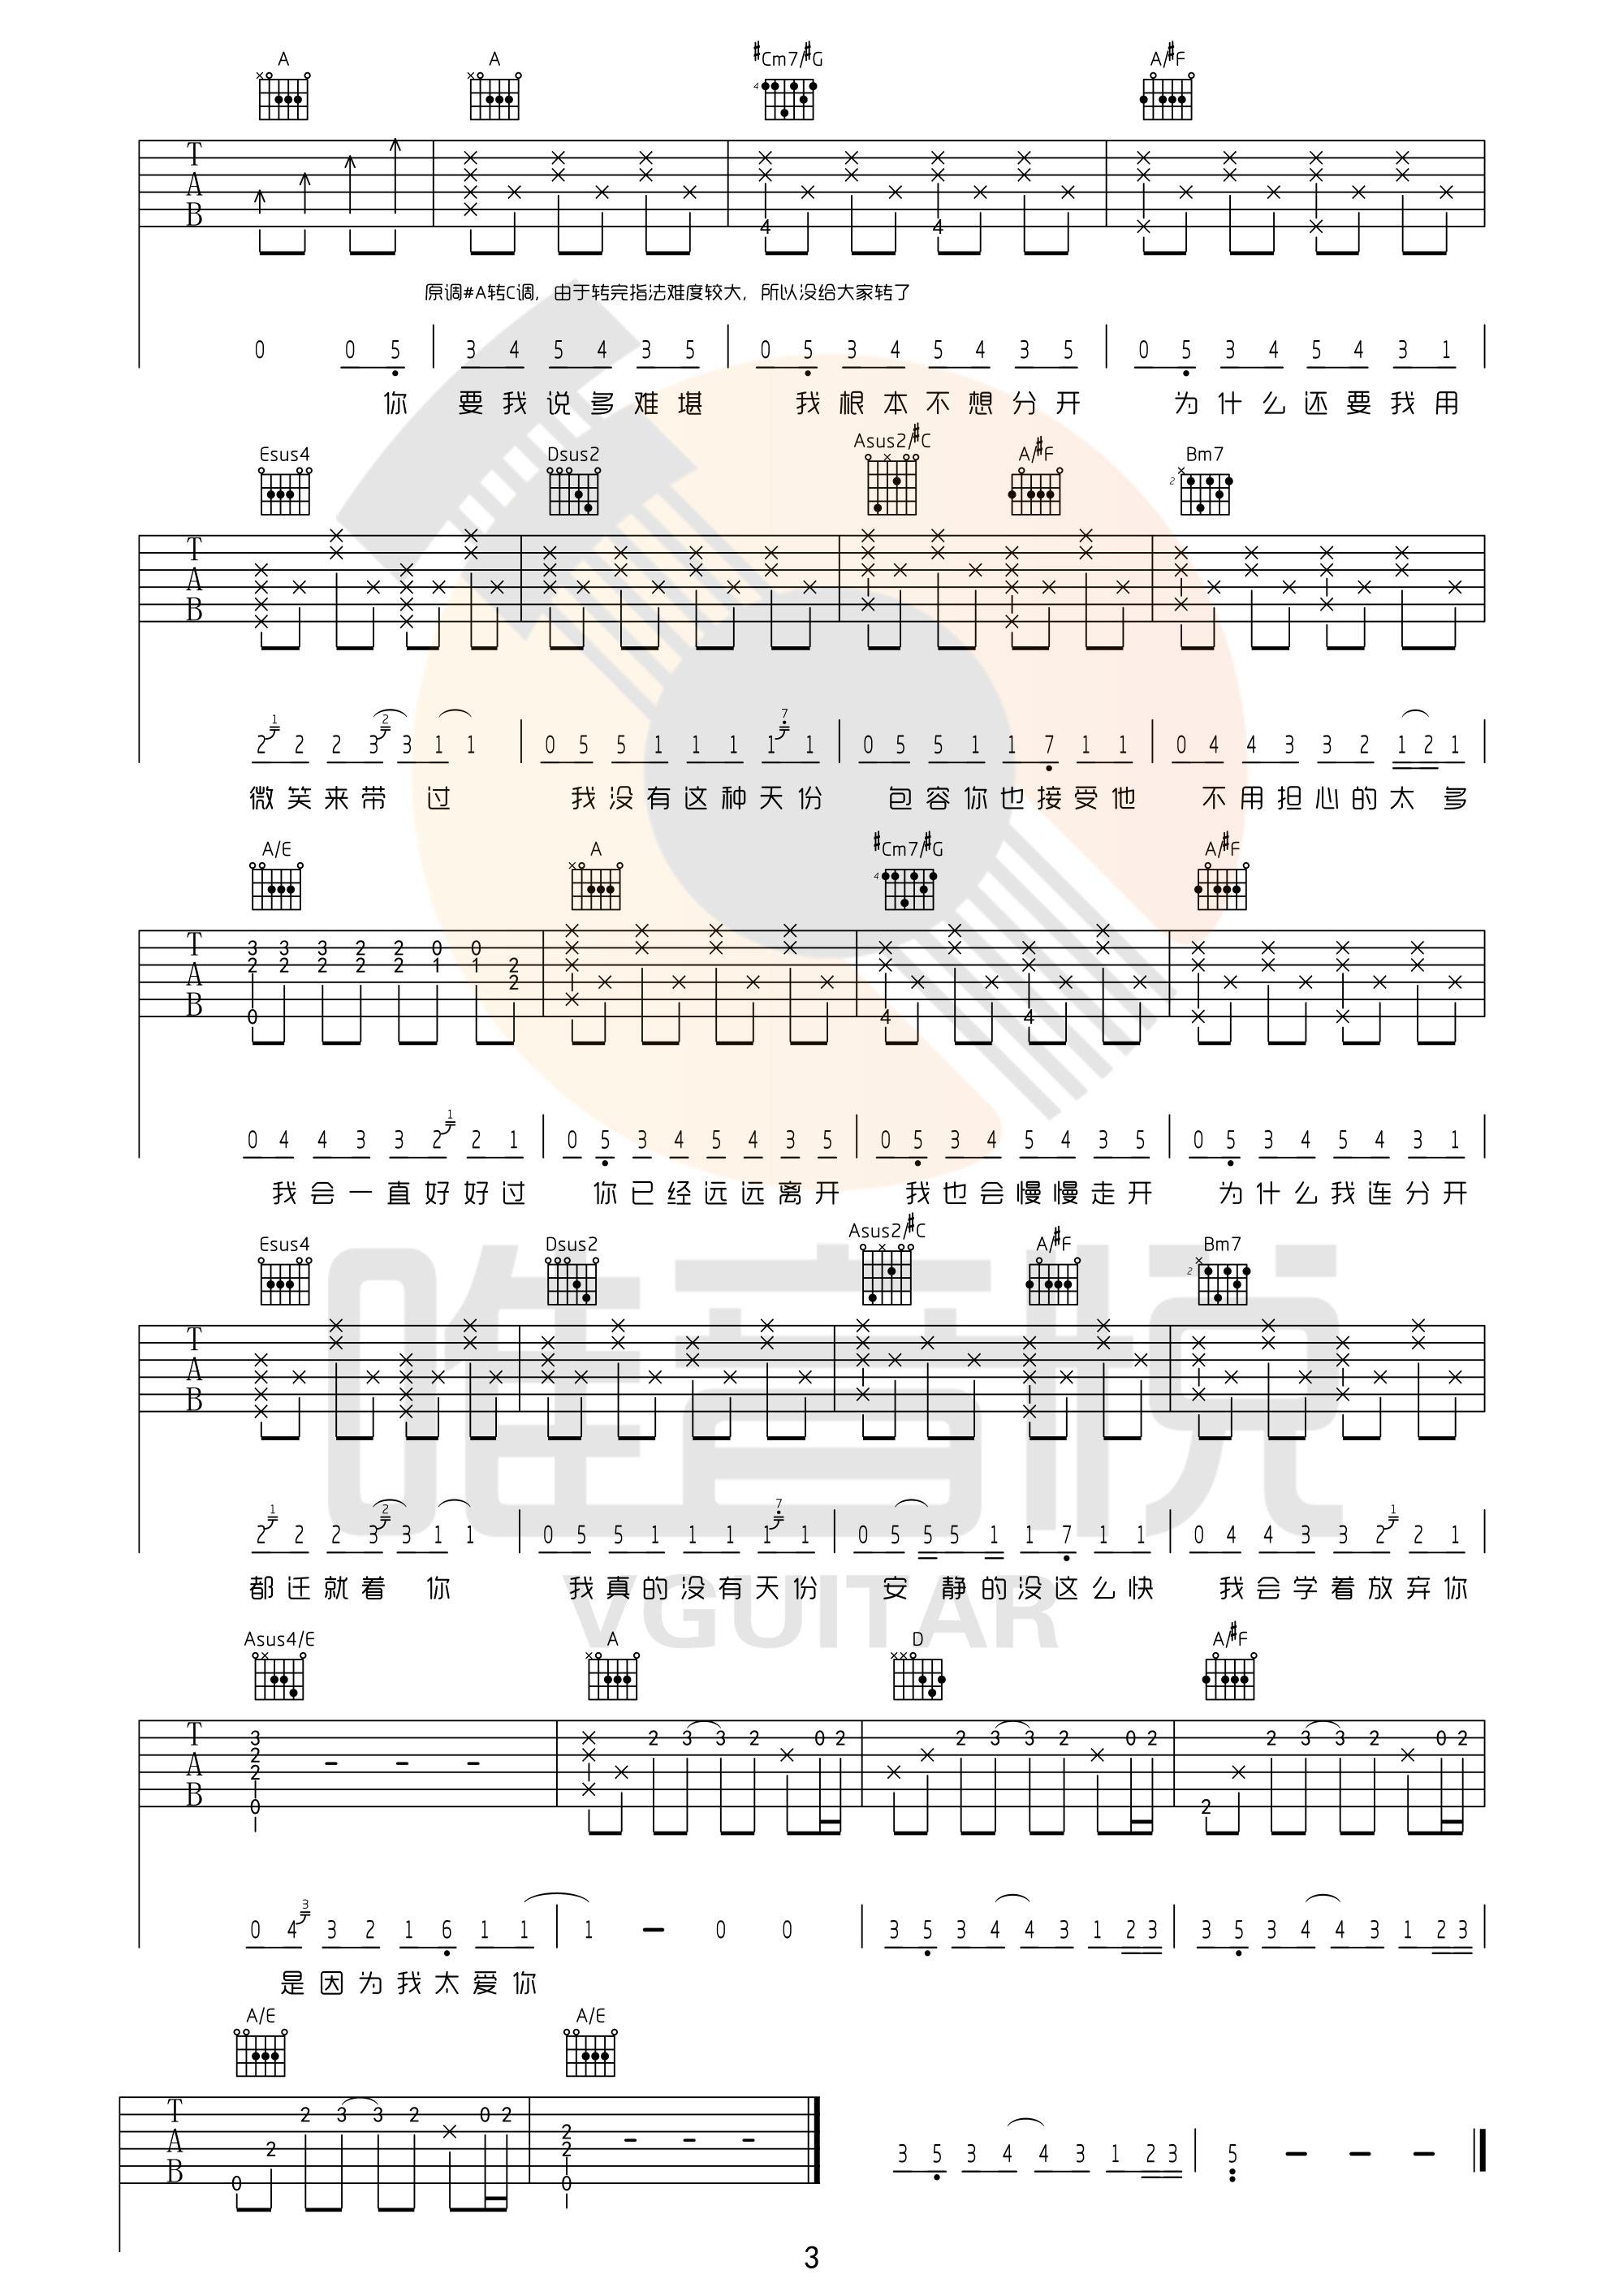 阳光宅男吉他谱gtp_《安静》吉他谱 周杰伦 A调完整版-C大调音乐网